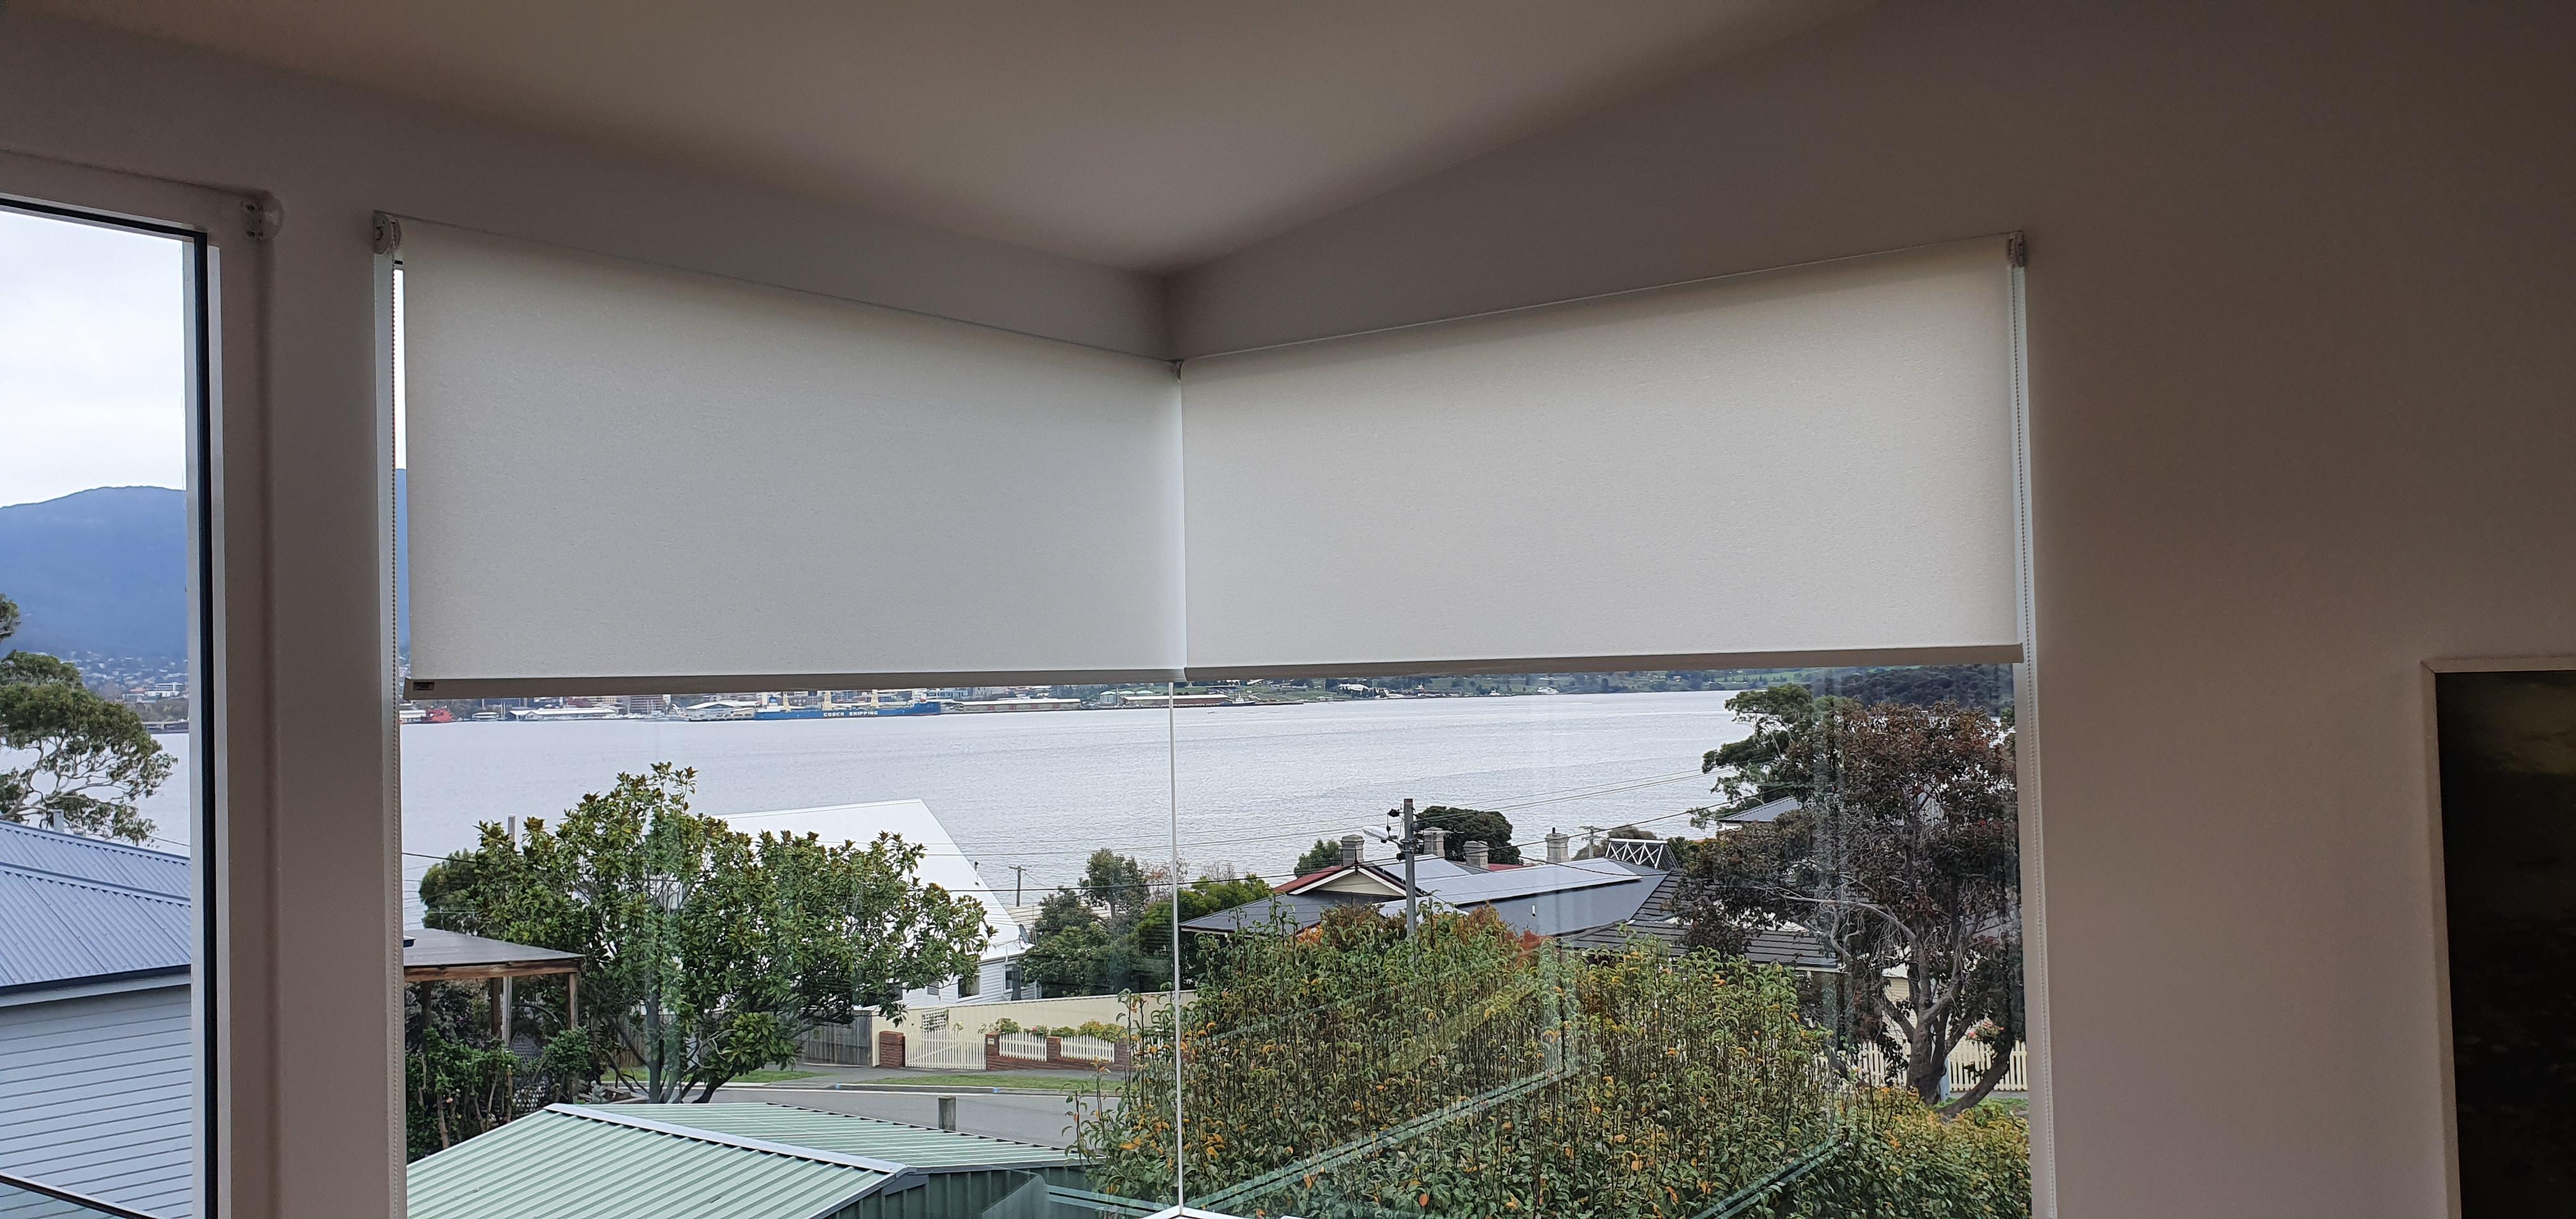 Translucent roller blinds on corner window